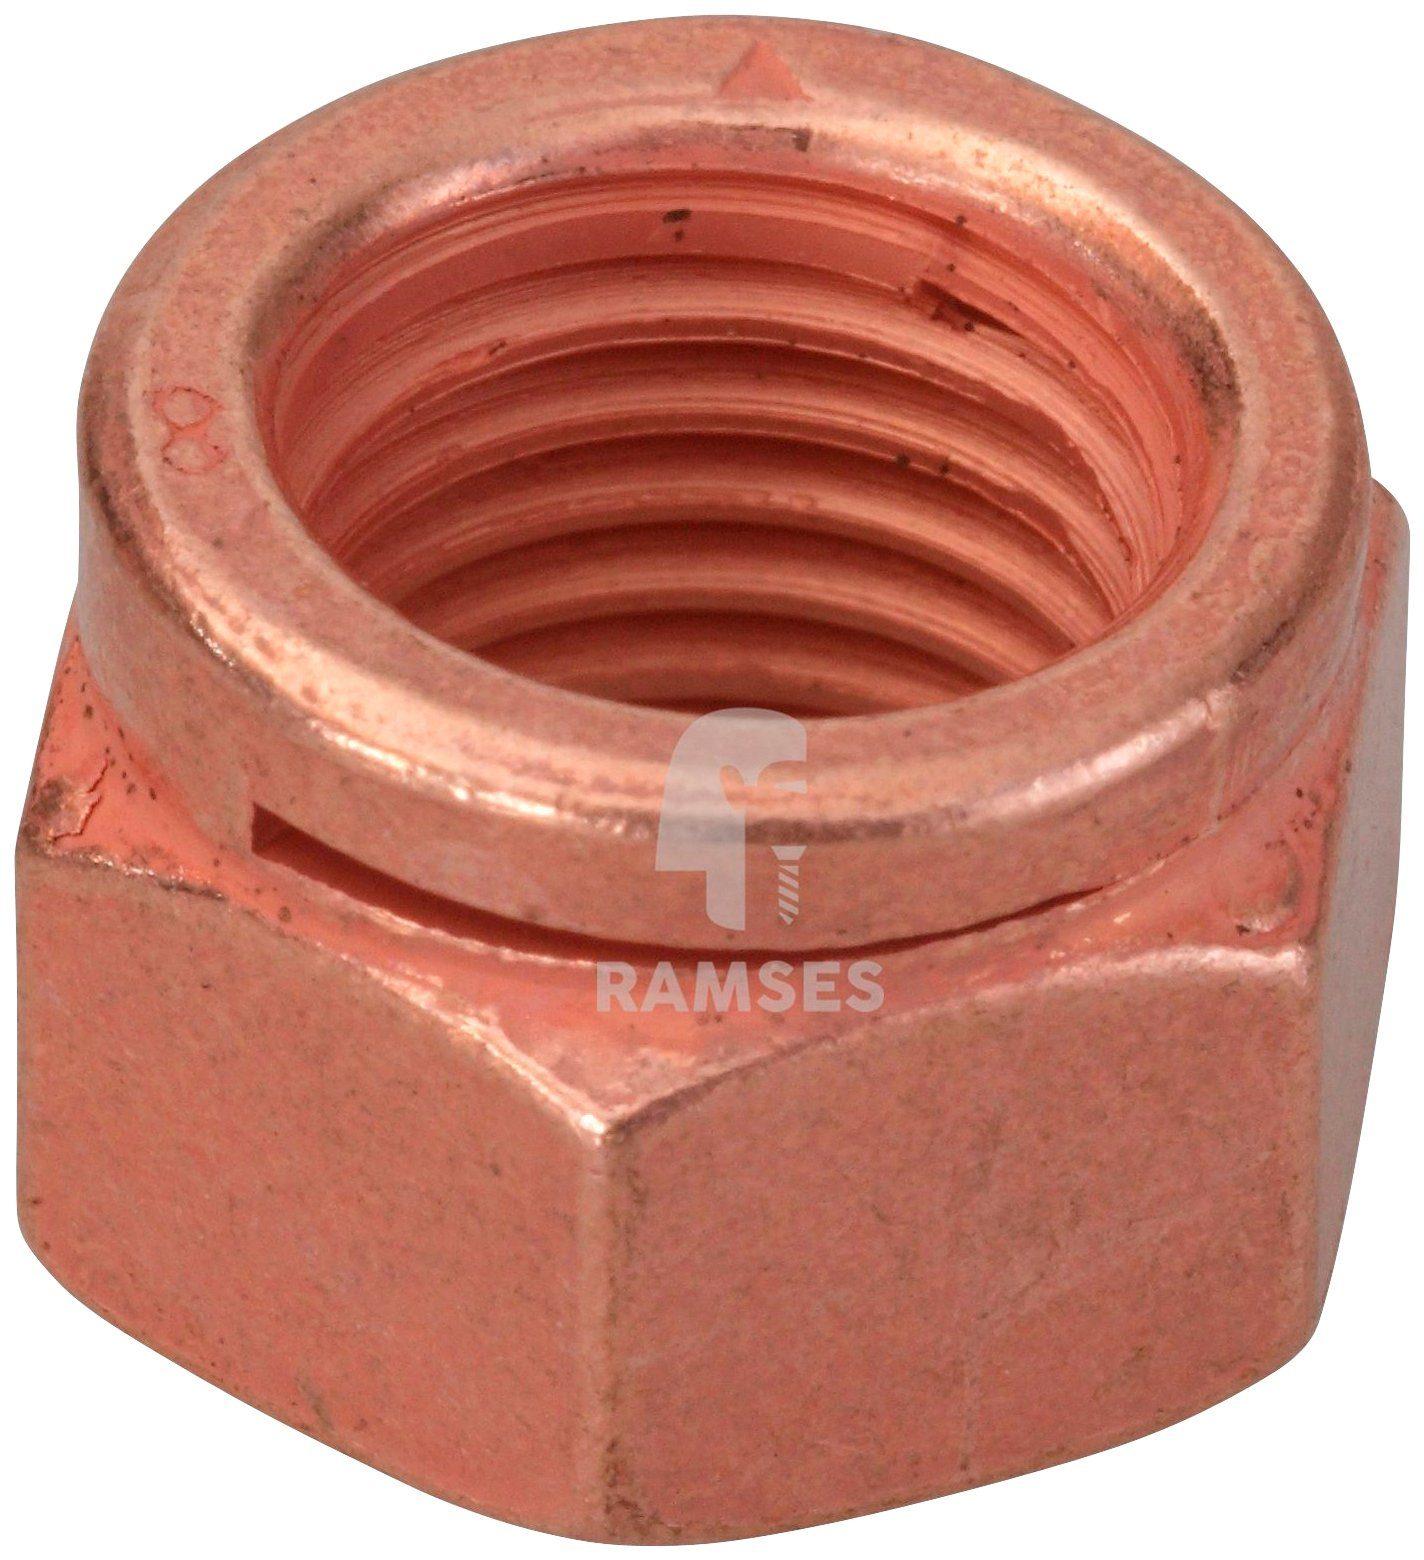 RAMSES Kupfermutter , Auspuff 14441 M12 SW17